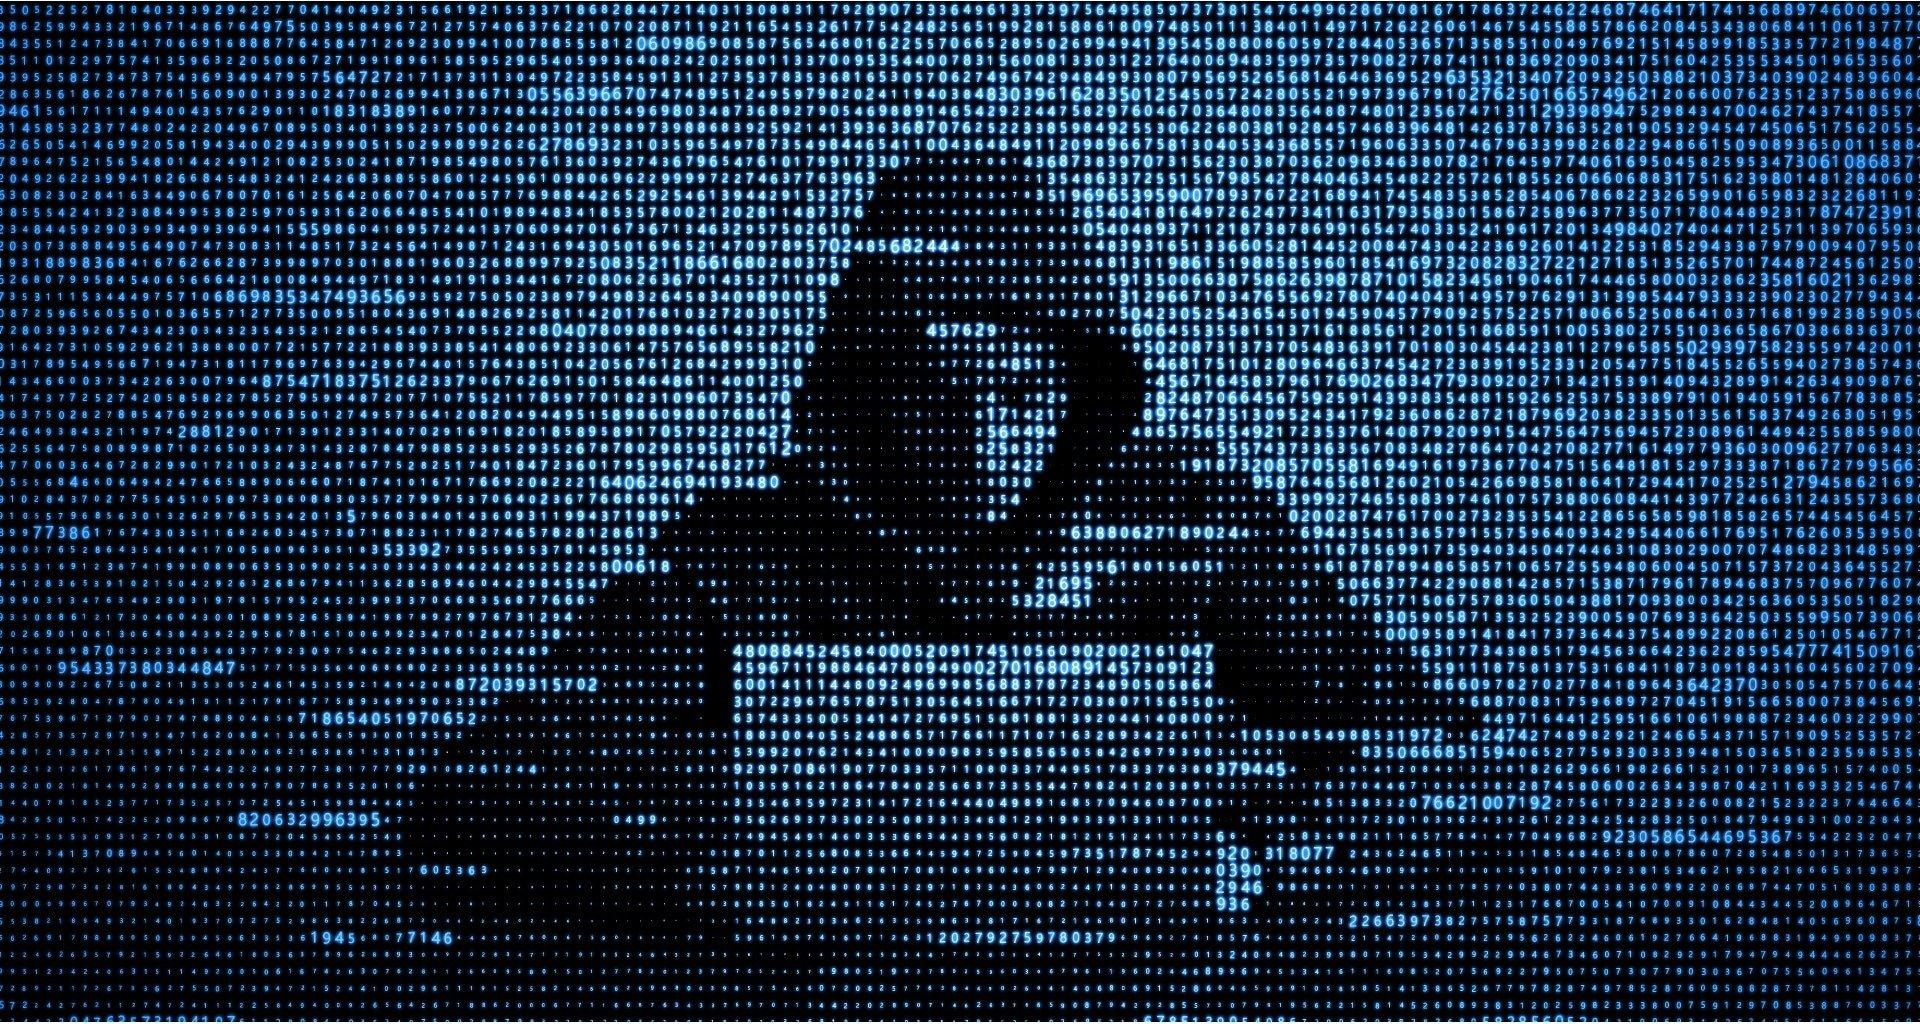 the dark web's strangest resources